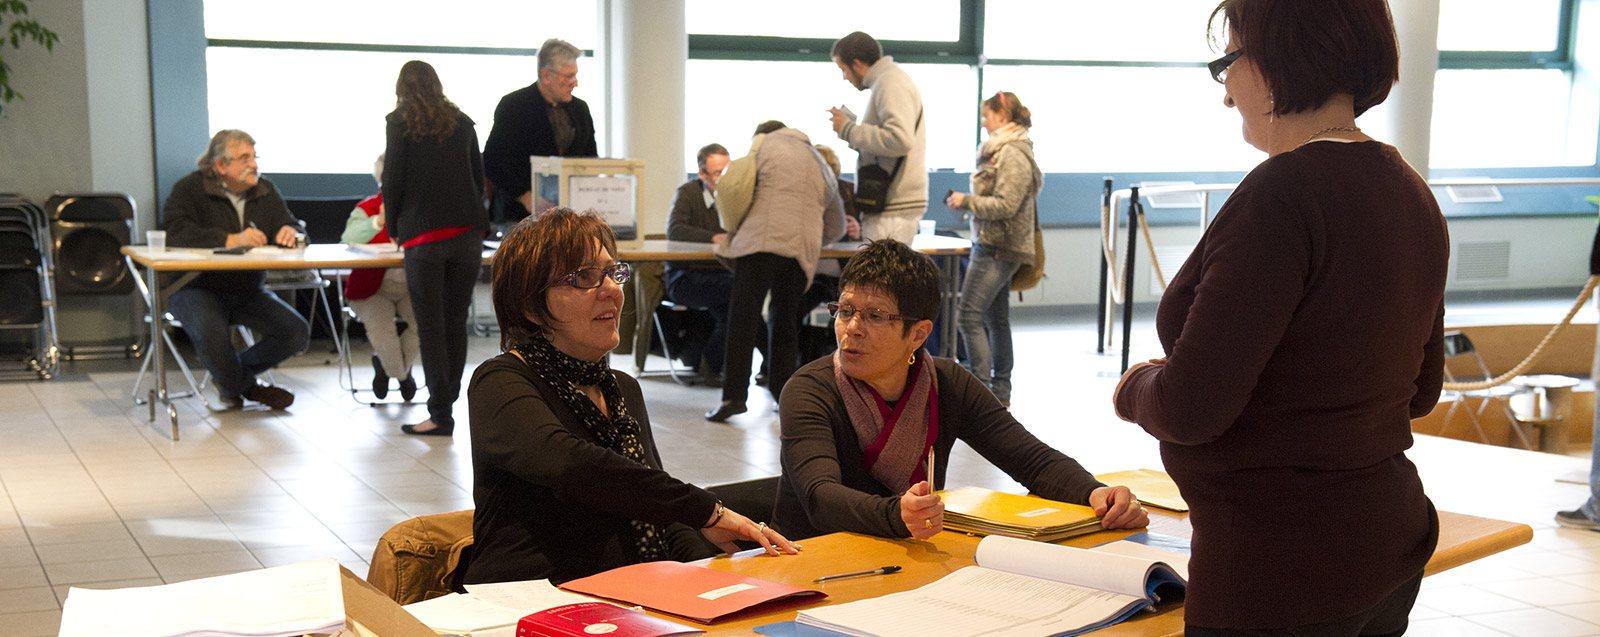 Bureau de vote élections Villefontaine